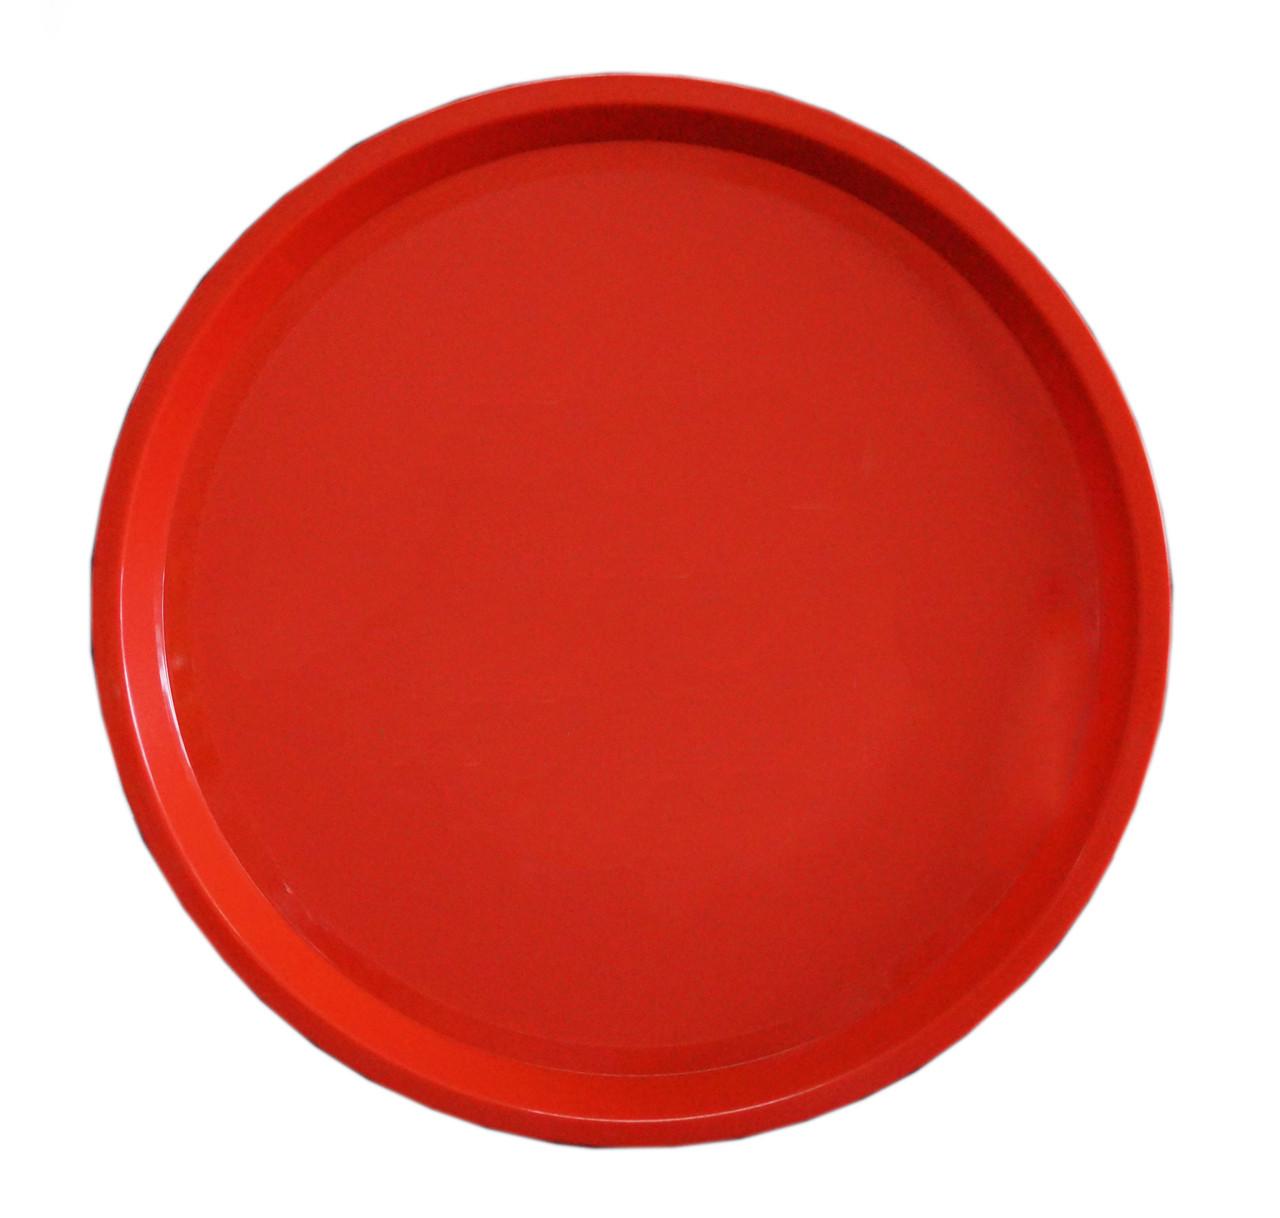 круглый пластиковый поднос красный